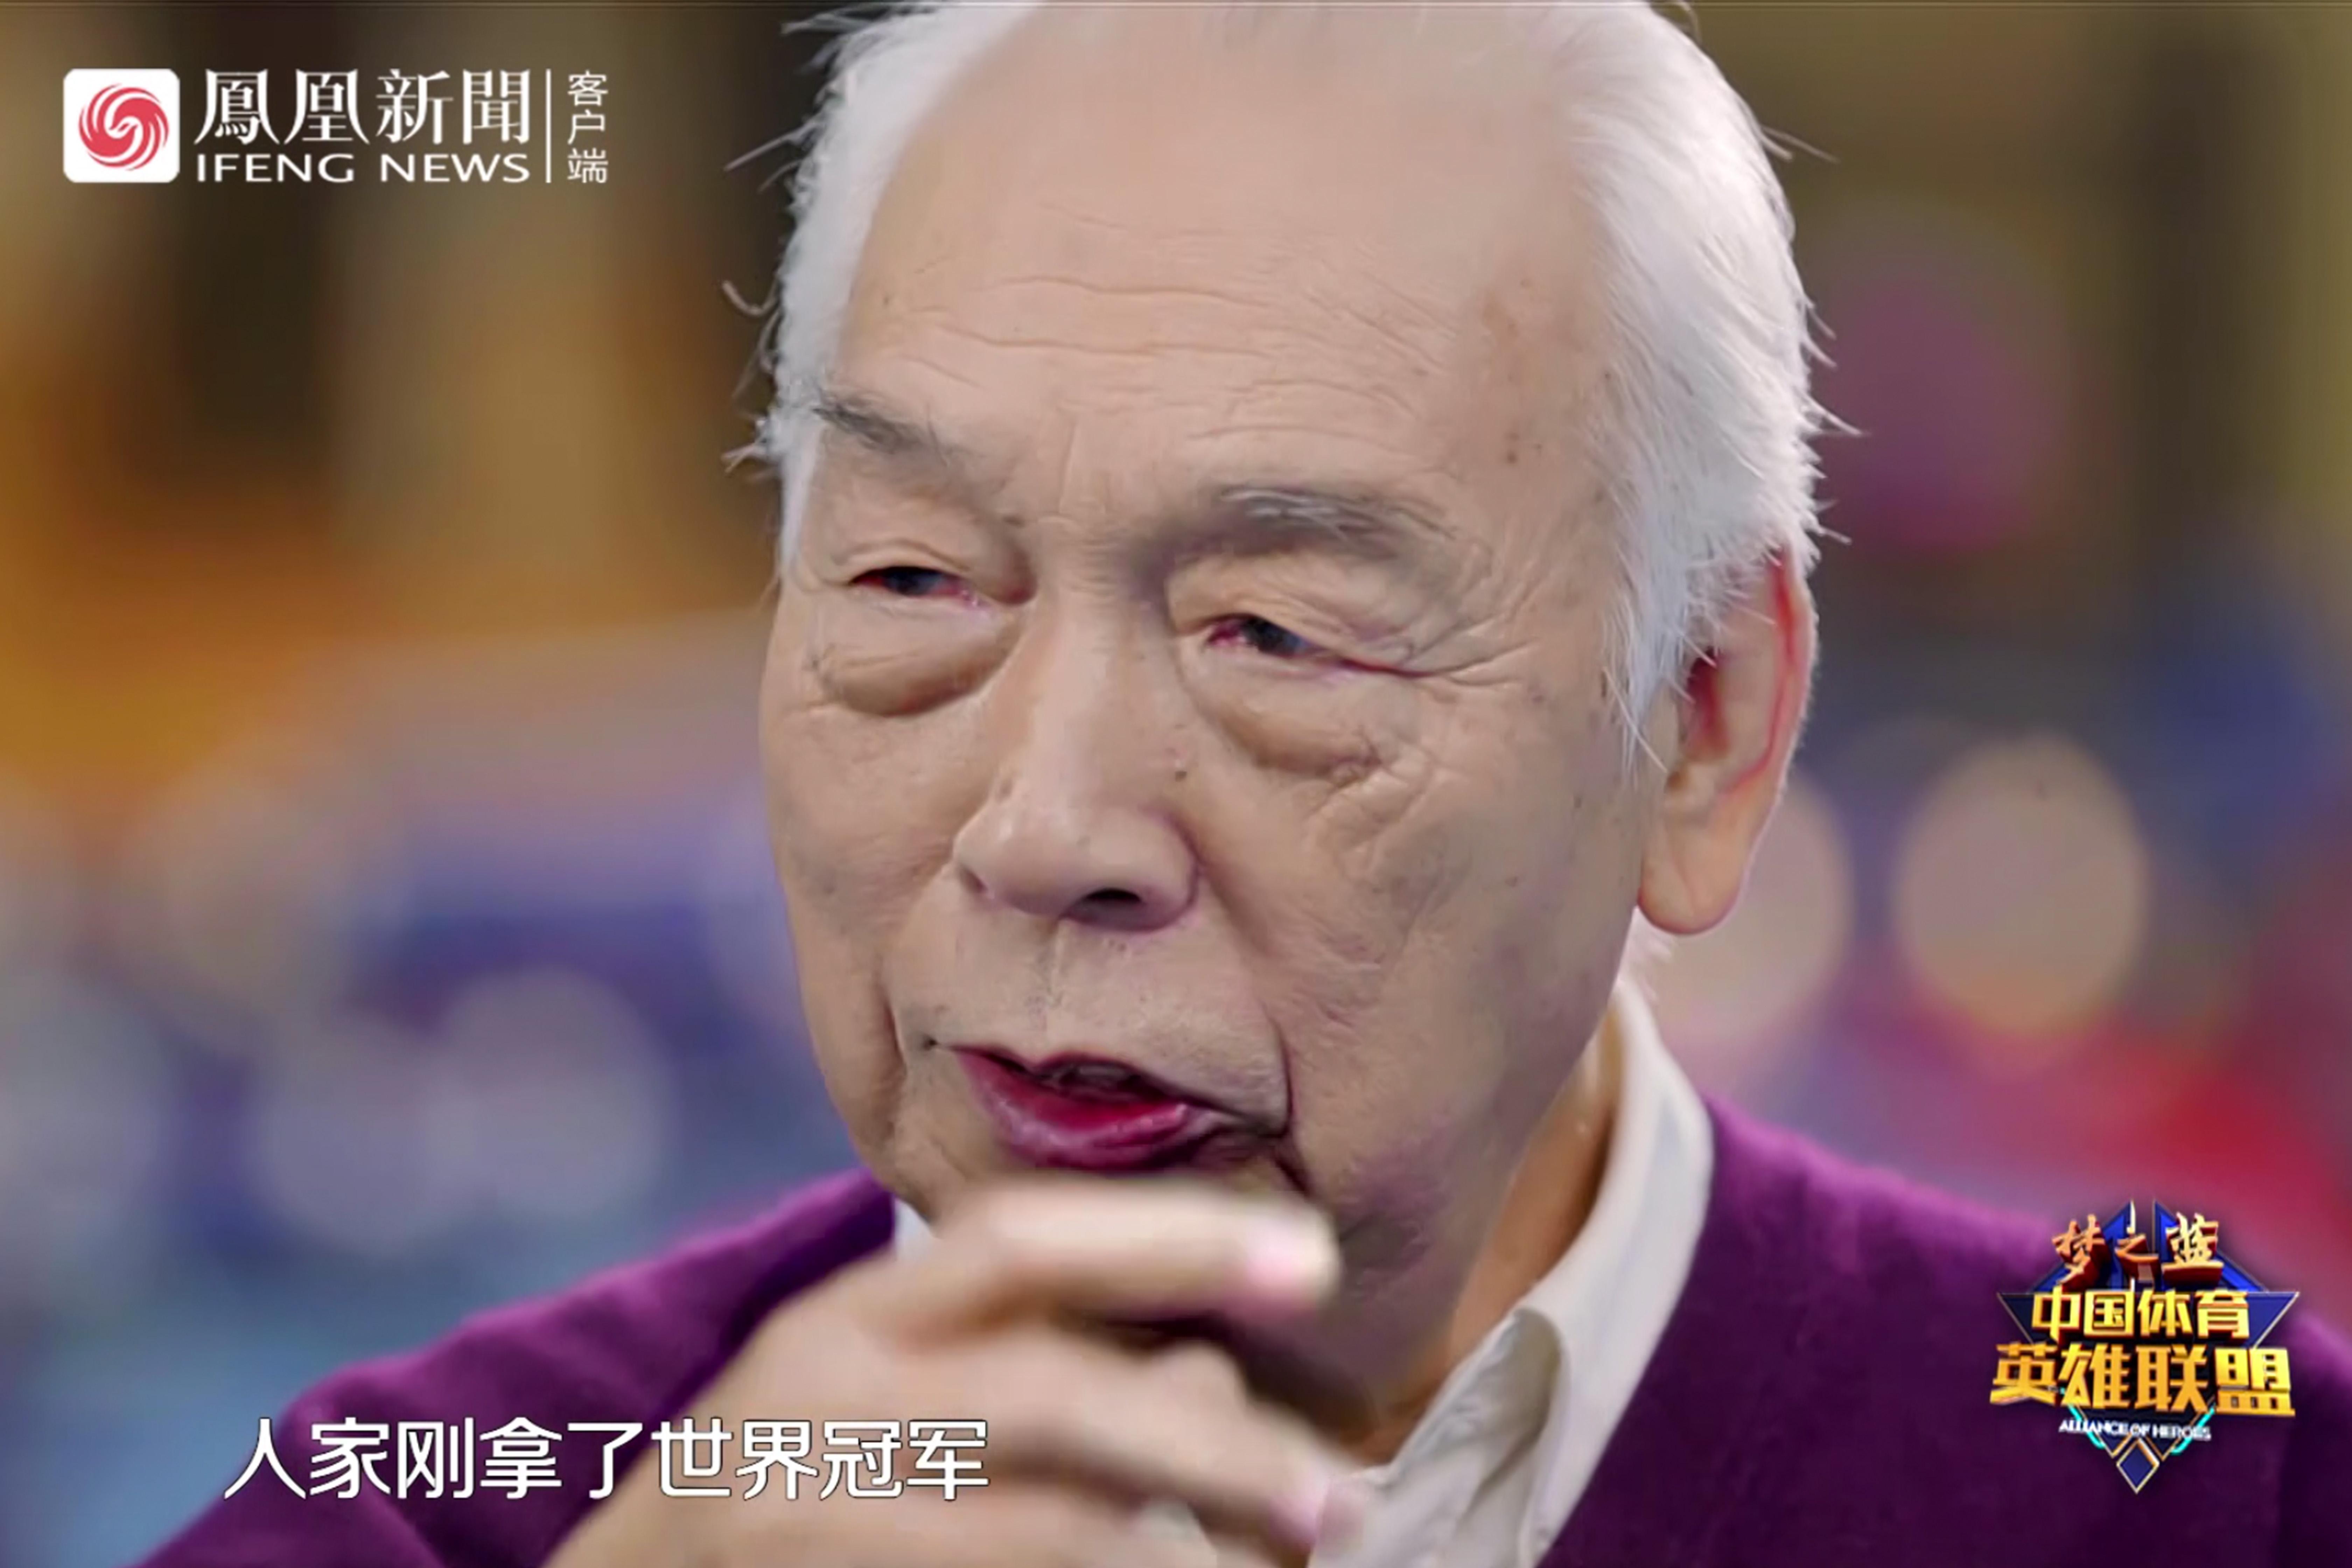 梦之蓝《中国体育英雄联盟》小剧场